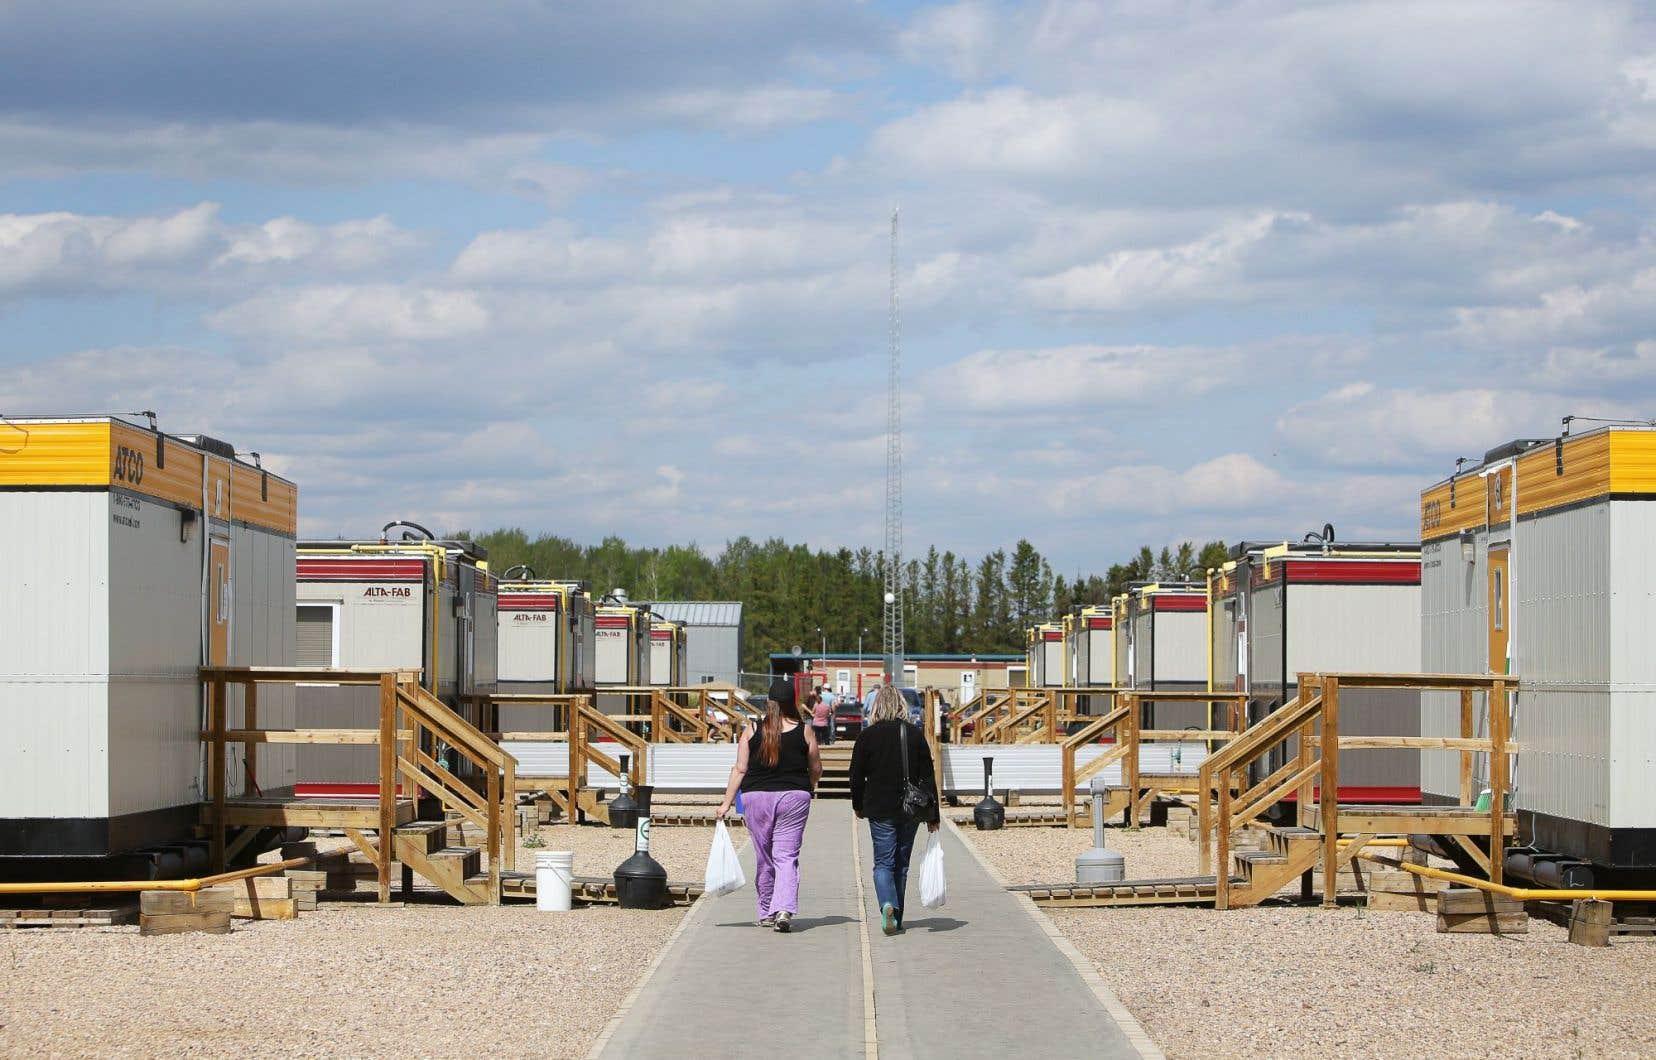 Les sinistrés qui ont dû fuir Fort McMurray pourront réintégrer la ville à certaines conditions.